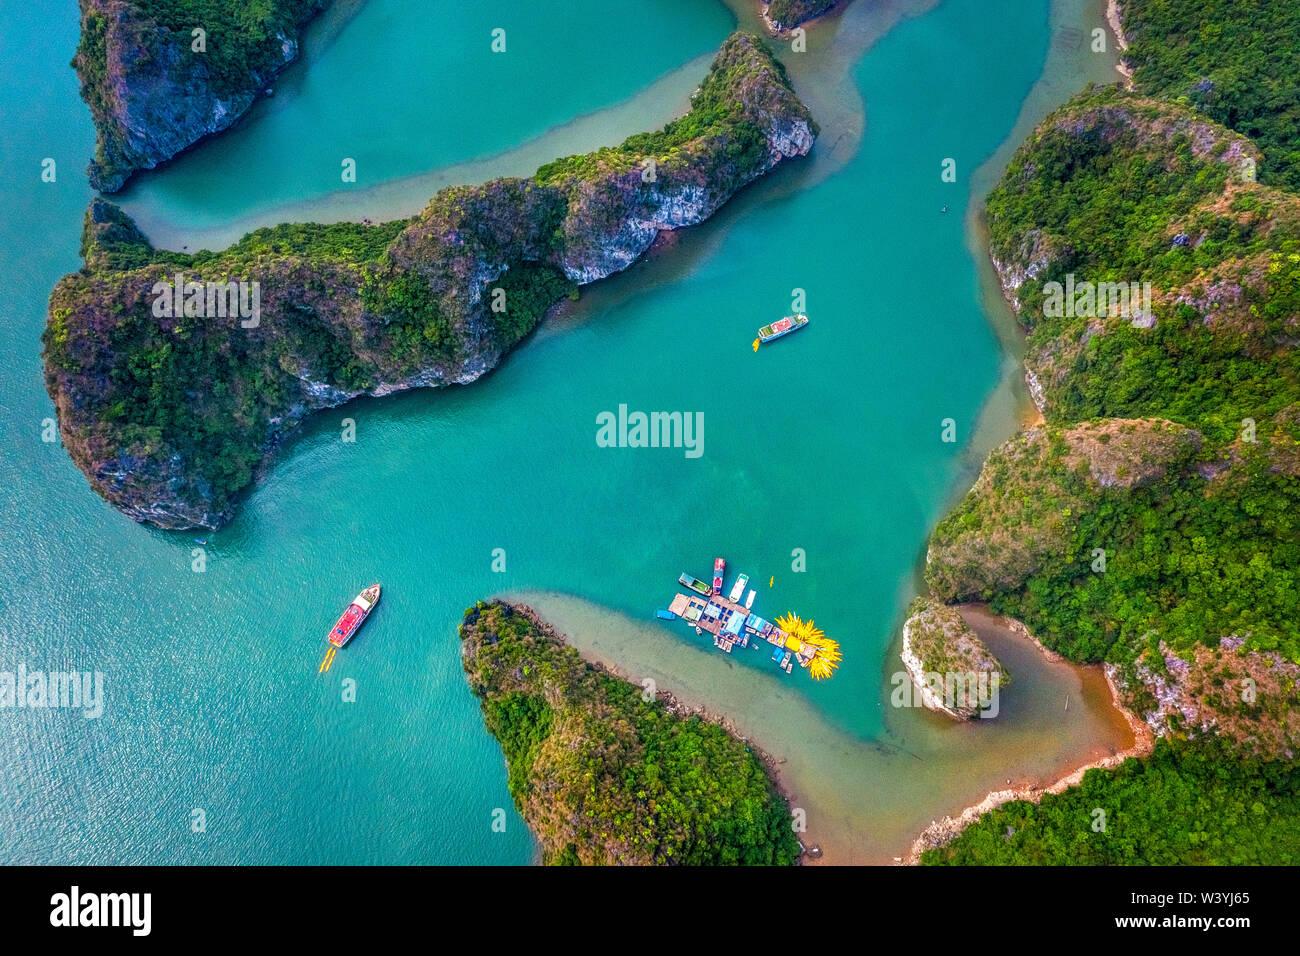 Vista aerea di Sang grotta e kayak area, Halong Bay, Vietnam, sud-est asiatico. UNESCO - Sito Patrimonio dell'umanità. Junk crociera in barca per la Baia di Ha Long. Foto Stock